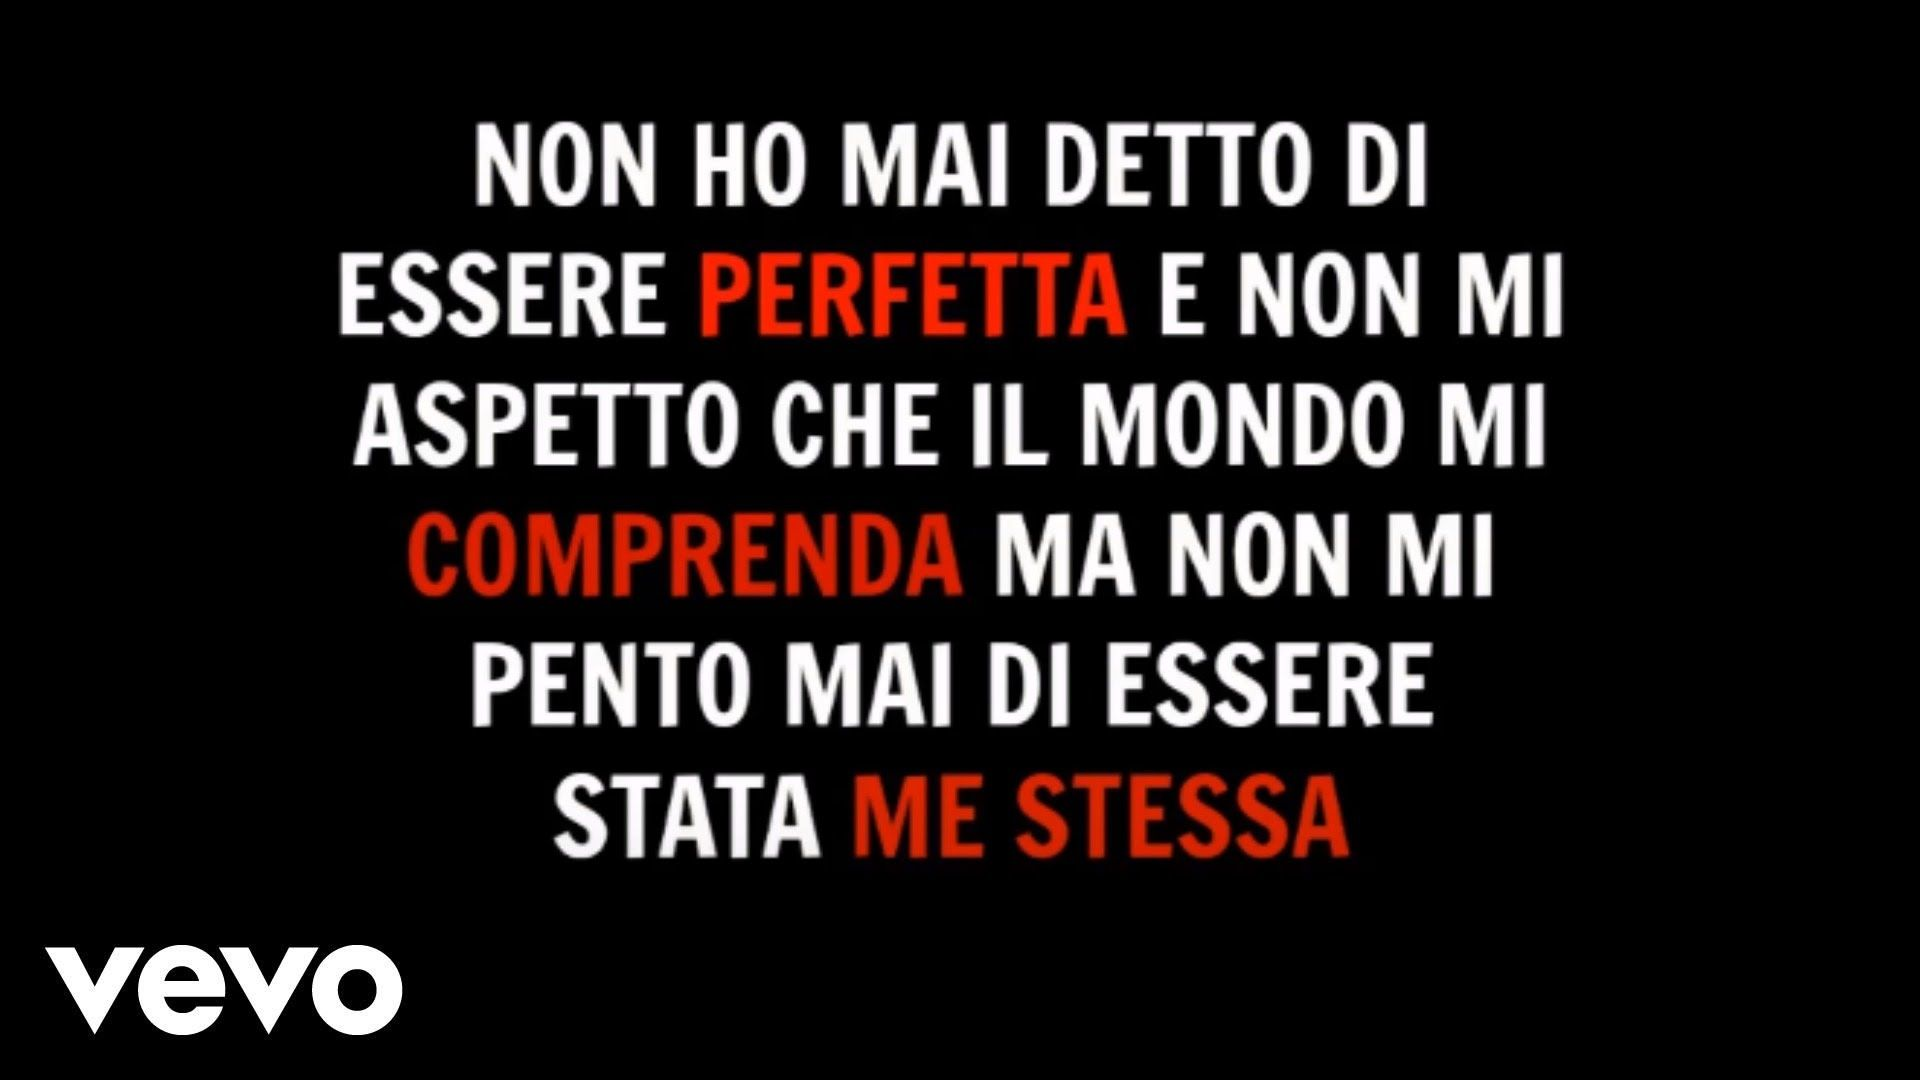 Alessandra Amoroso Il Mio Stato Di Felicita Testo Lyrics